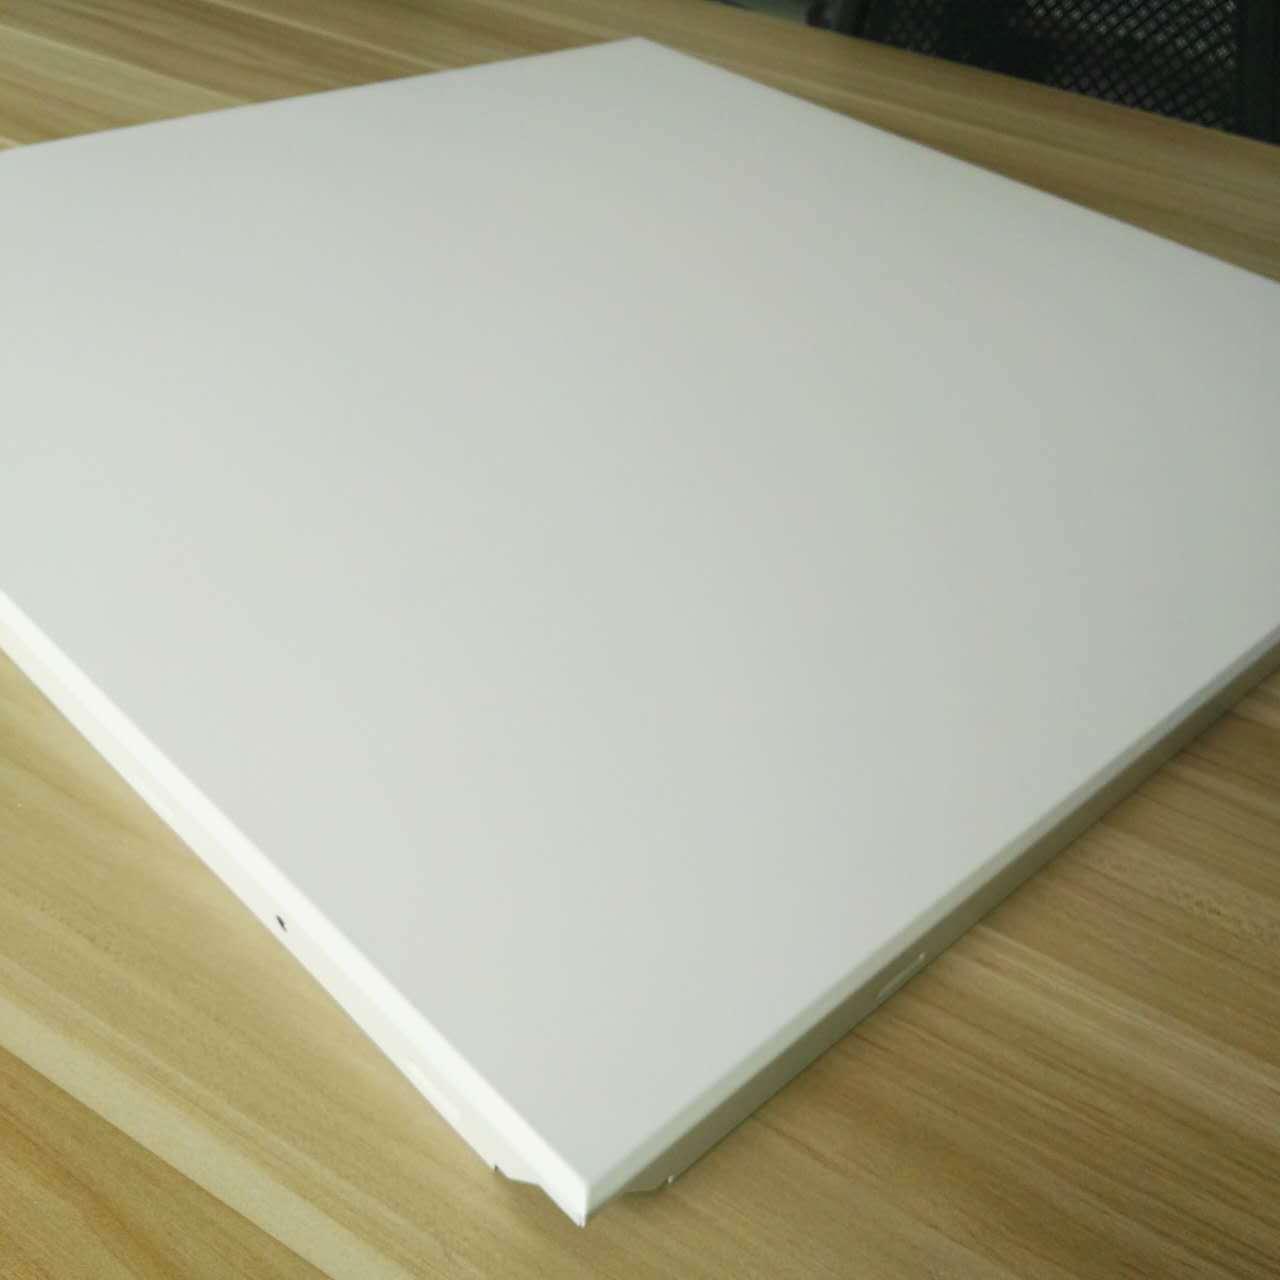 芜湖铝天花  办公室无尘60cm铝盲板吊顶  微孔吸音工装铝天花